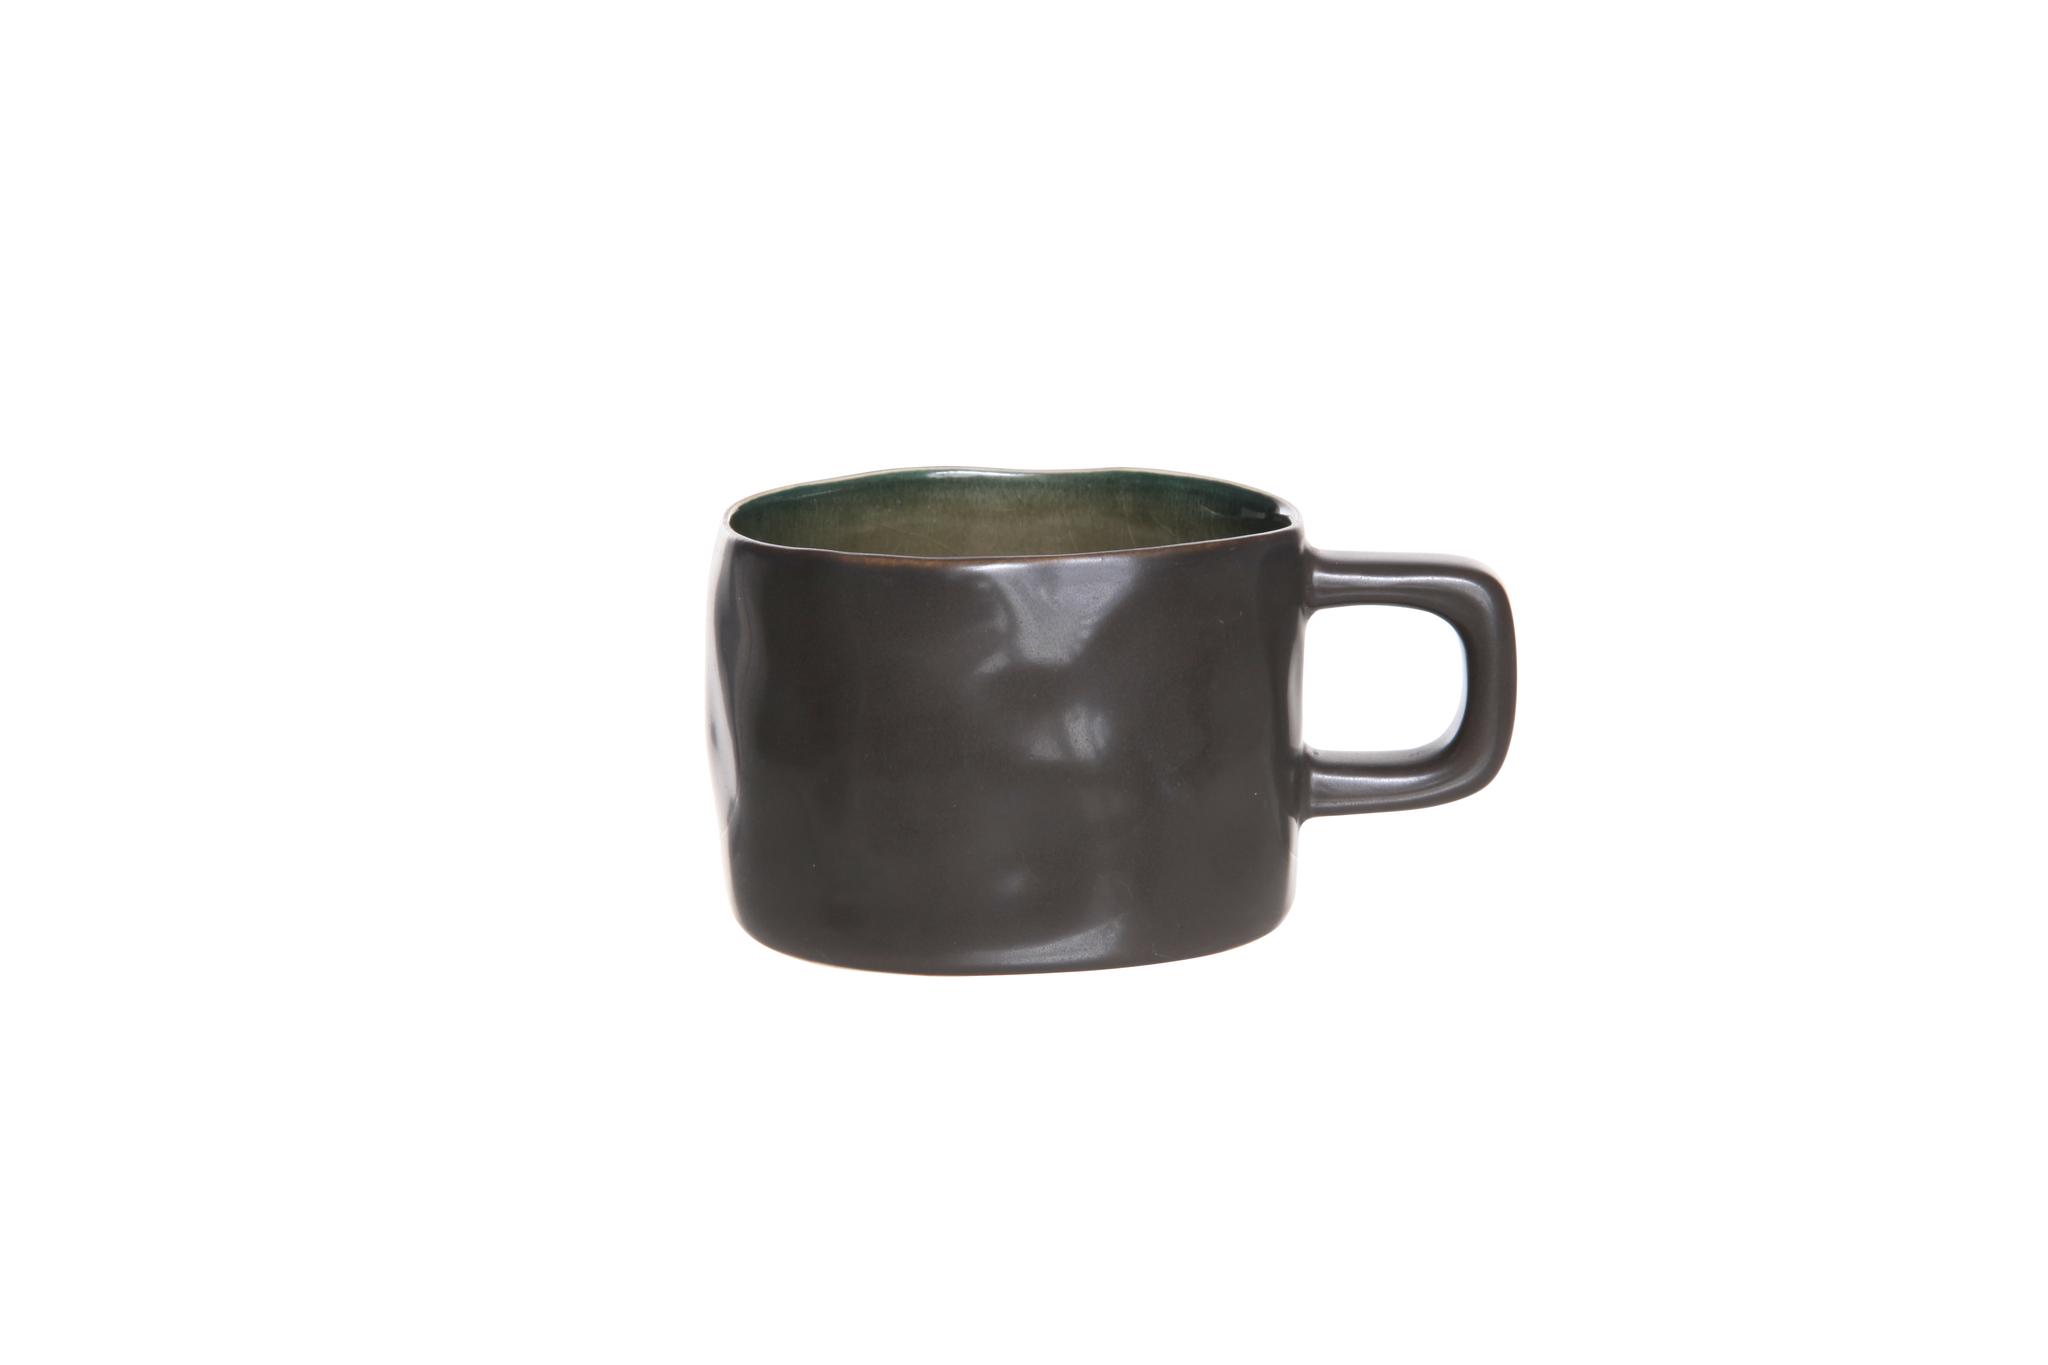 Чашка 8,5х6 см COSY&amp;TRENDY Laguna verde 9019035Кружки и чашки<br>Чашка 8,5х6 см COSY&amp;TRENDY Laguna verde 9019035<br><br>Эта коллекция из каменной керамики поражает удивительным цветом, текстурой и формой. Насыщенный темно-серый оттенок с волнистым рельефом погружают в прибрежную лагуну. Органические края для дополнительного дизайна. Коллекция Laguna Verde воссоздает исключительный внешний вид приготовленных блюд.<br>